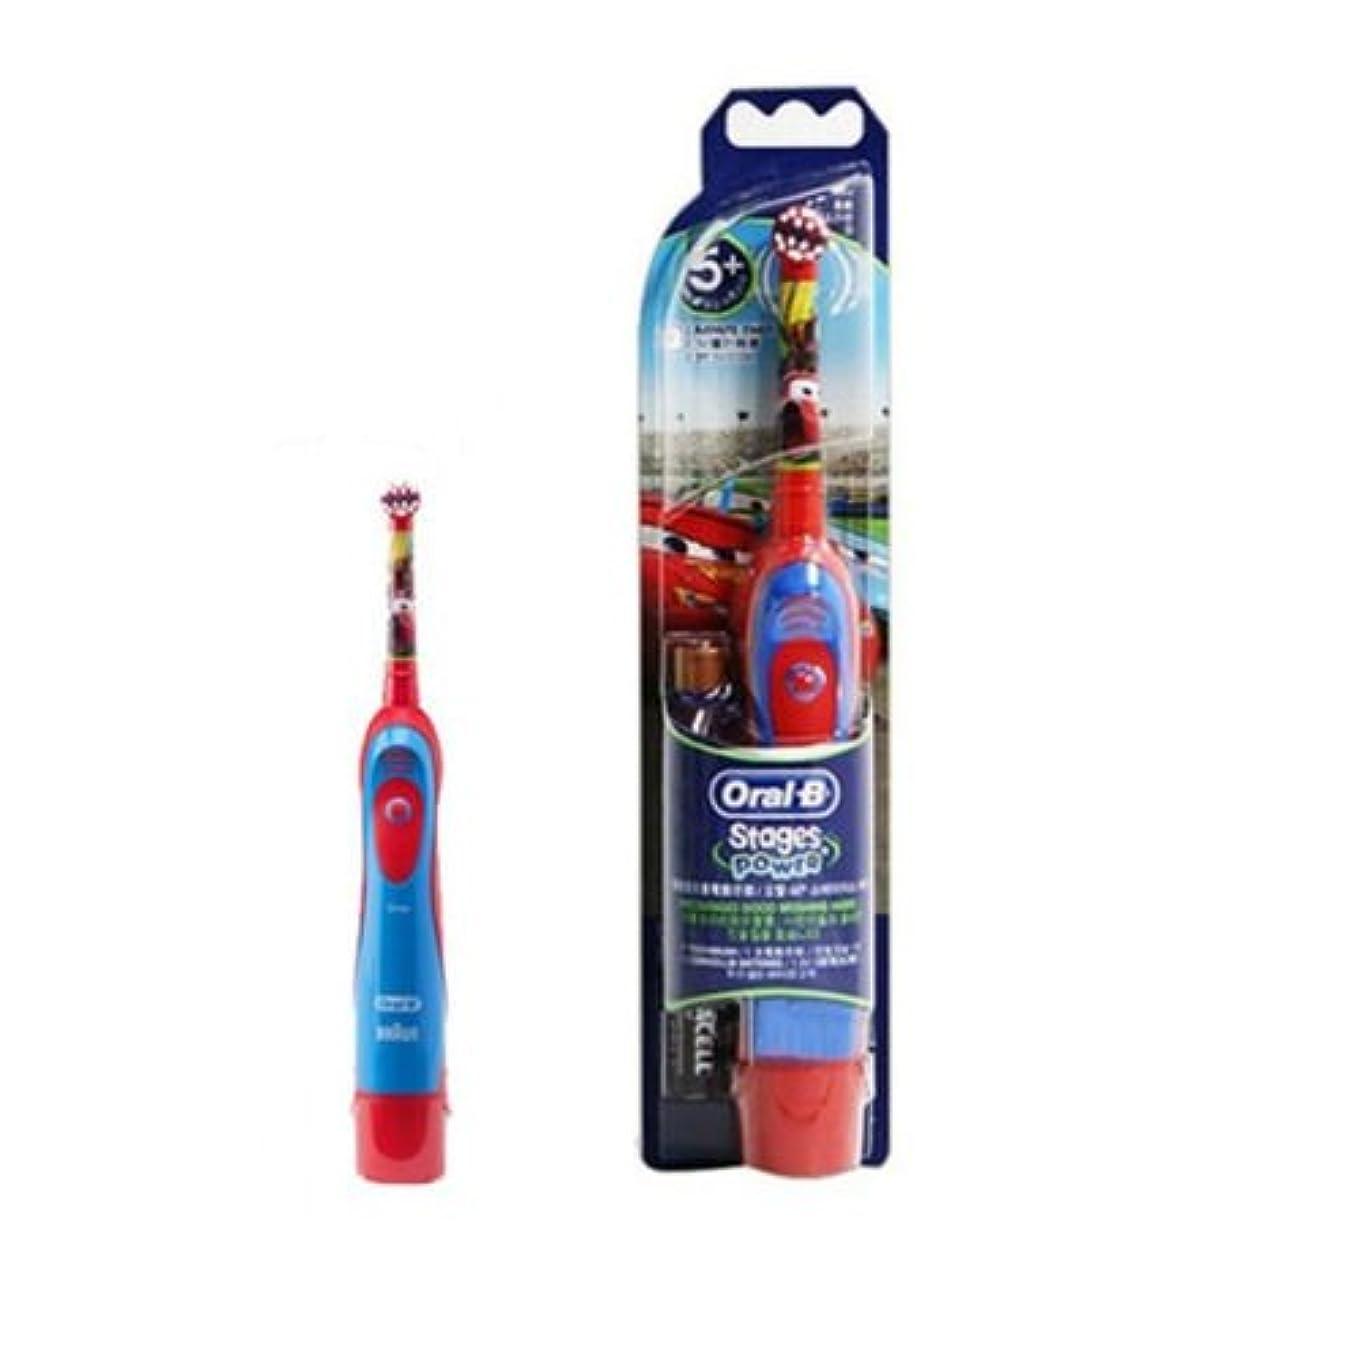 免疫汚物懸念Braun Oral-B D2 D2010 Disney Car Kids 電動歯ブラシ [並行輸入品]